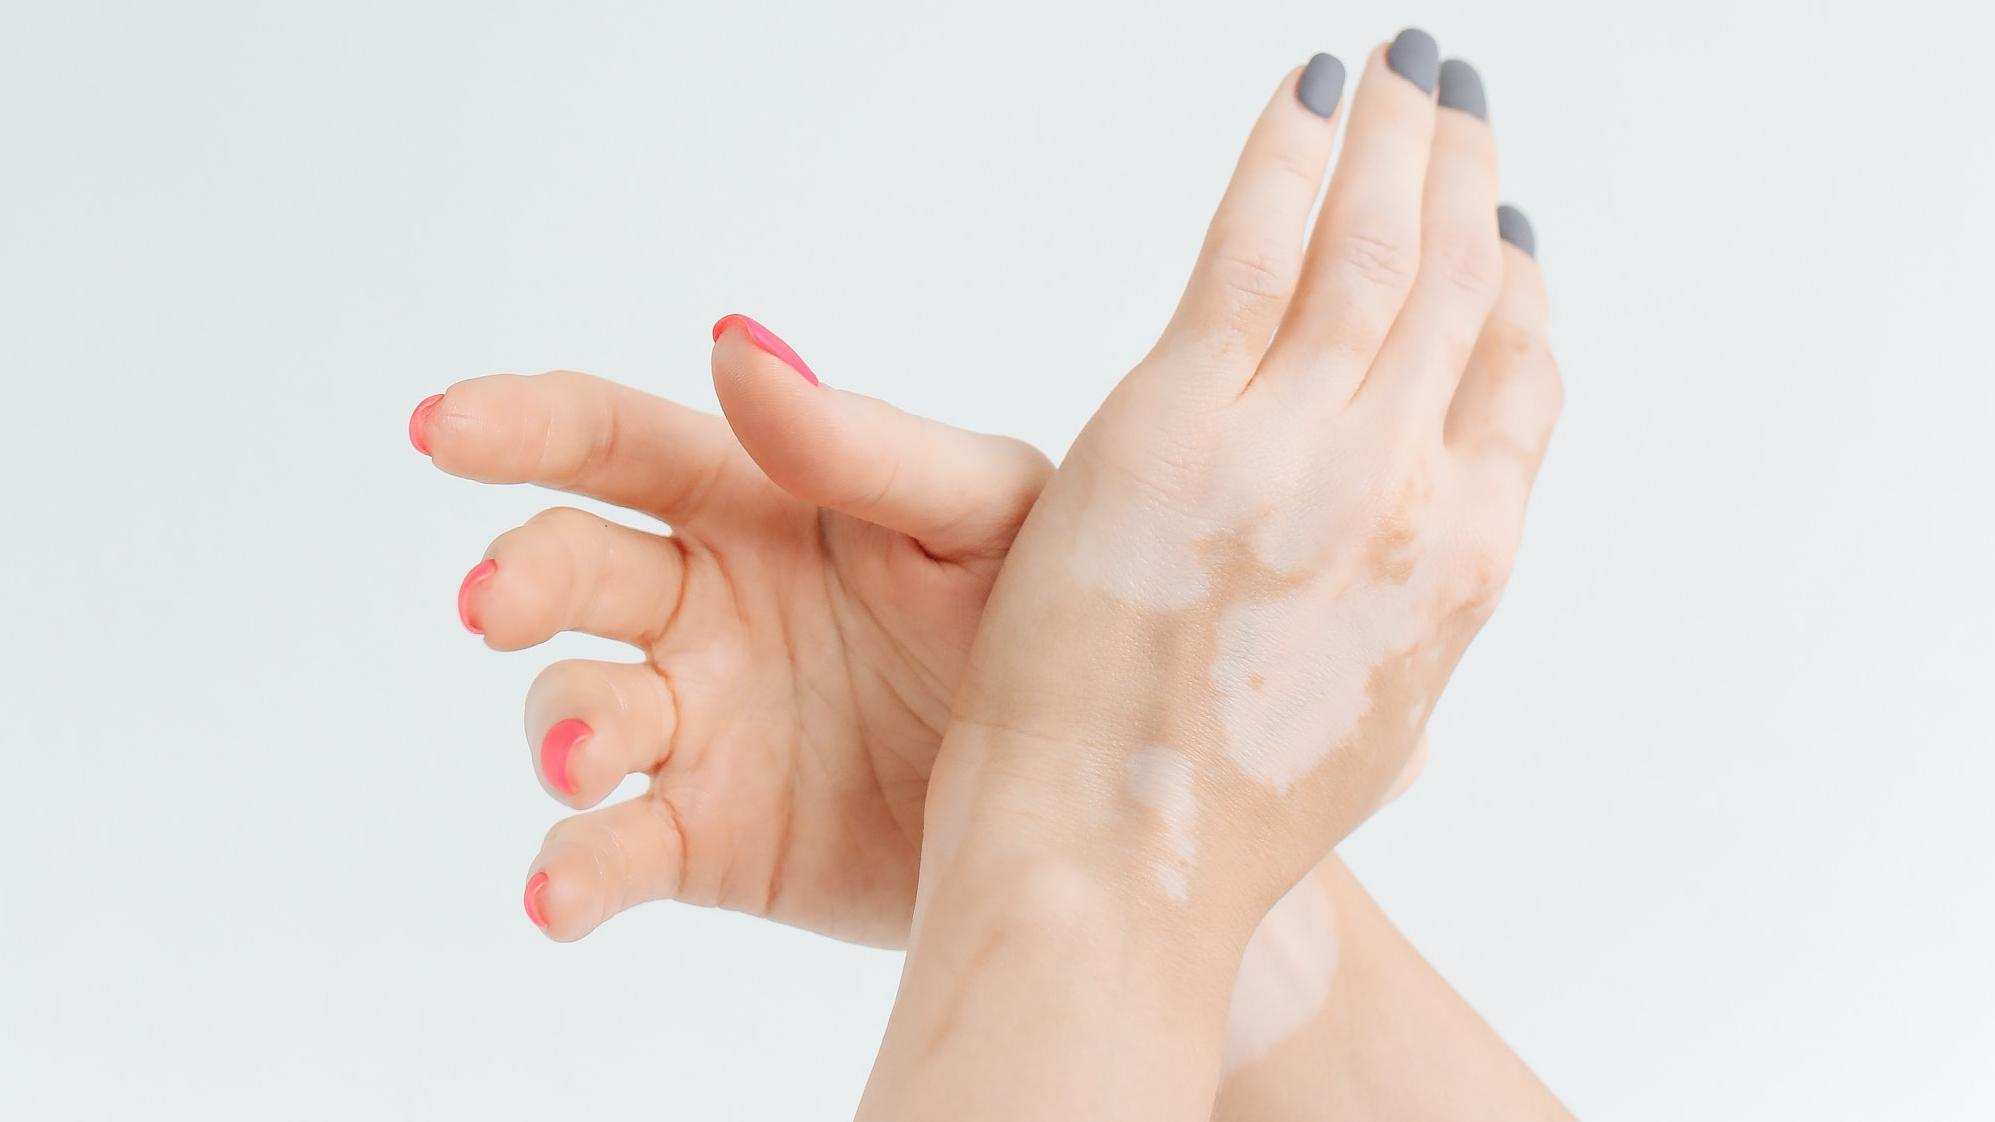 Entdecken Sie nach dem Sonnen weiße Flecken auf Ihrer Haut, so kann dies verschiedene Gründe haben.